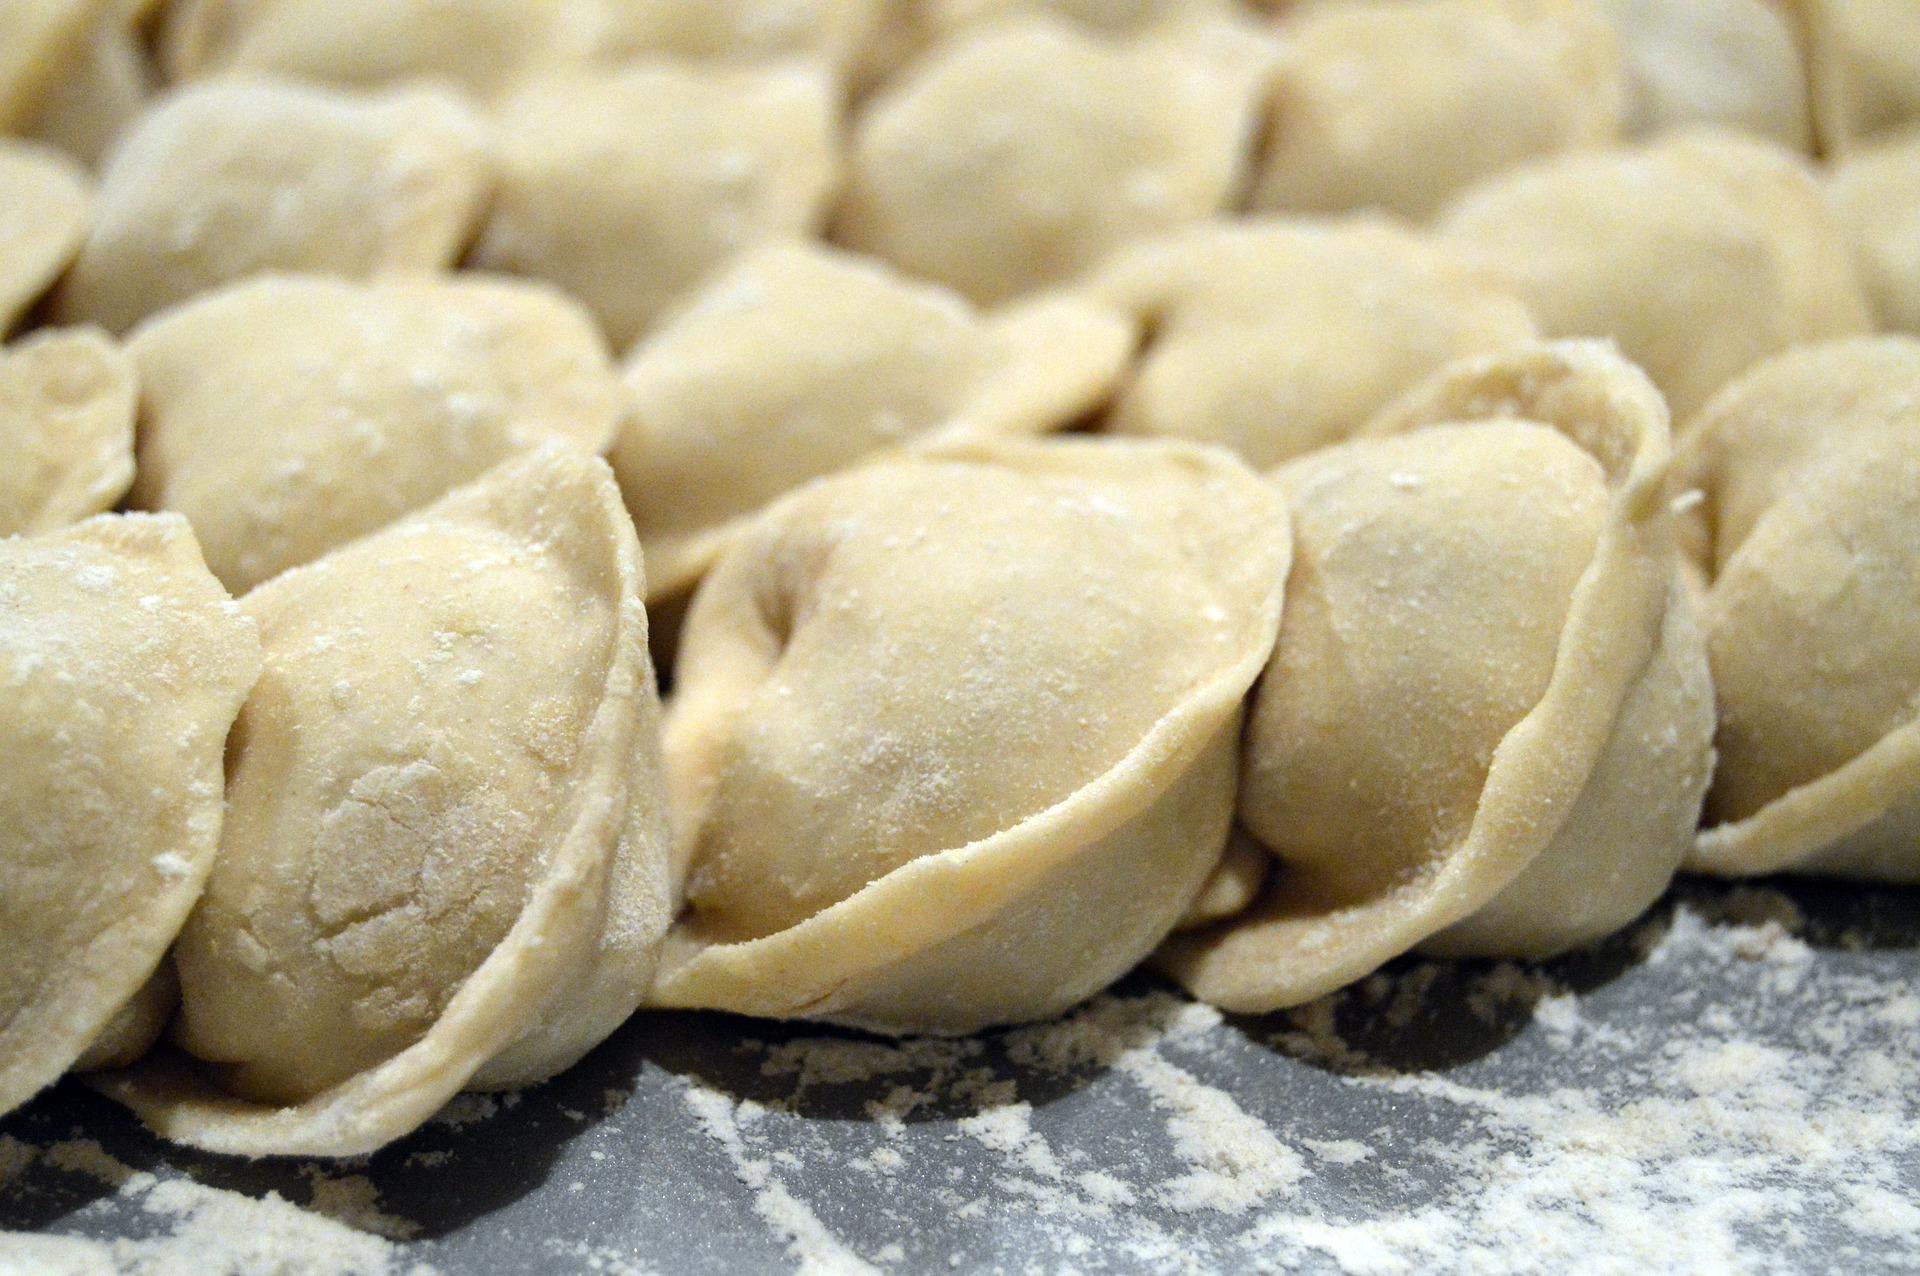 baking-2996390_1920